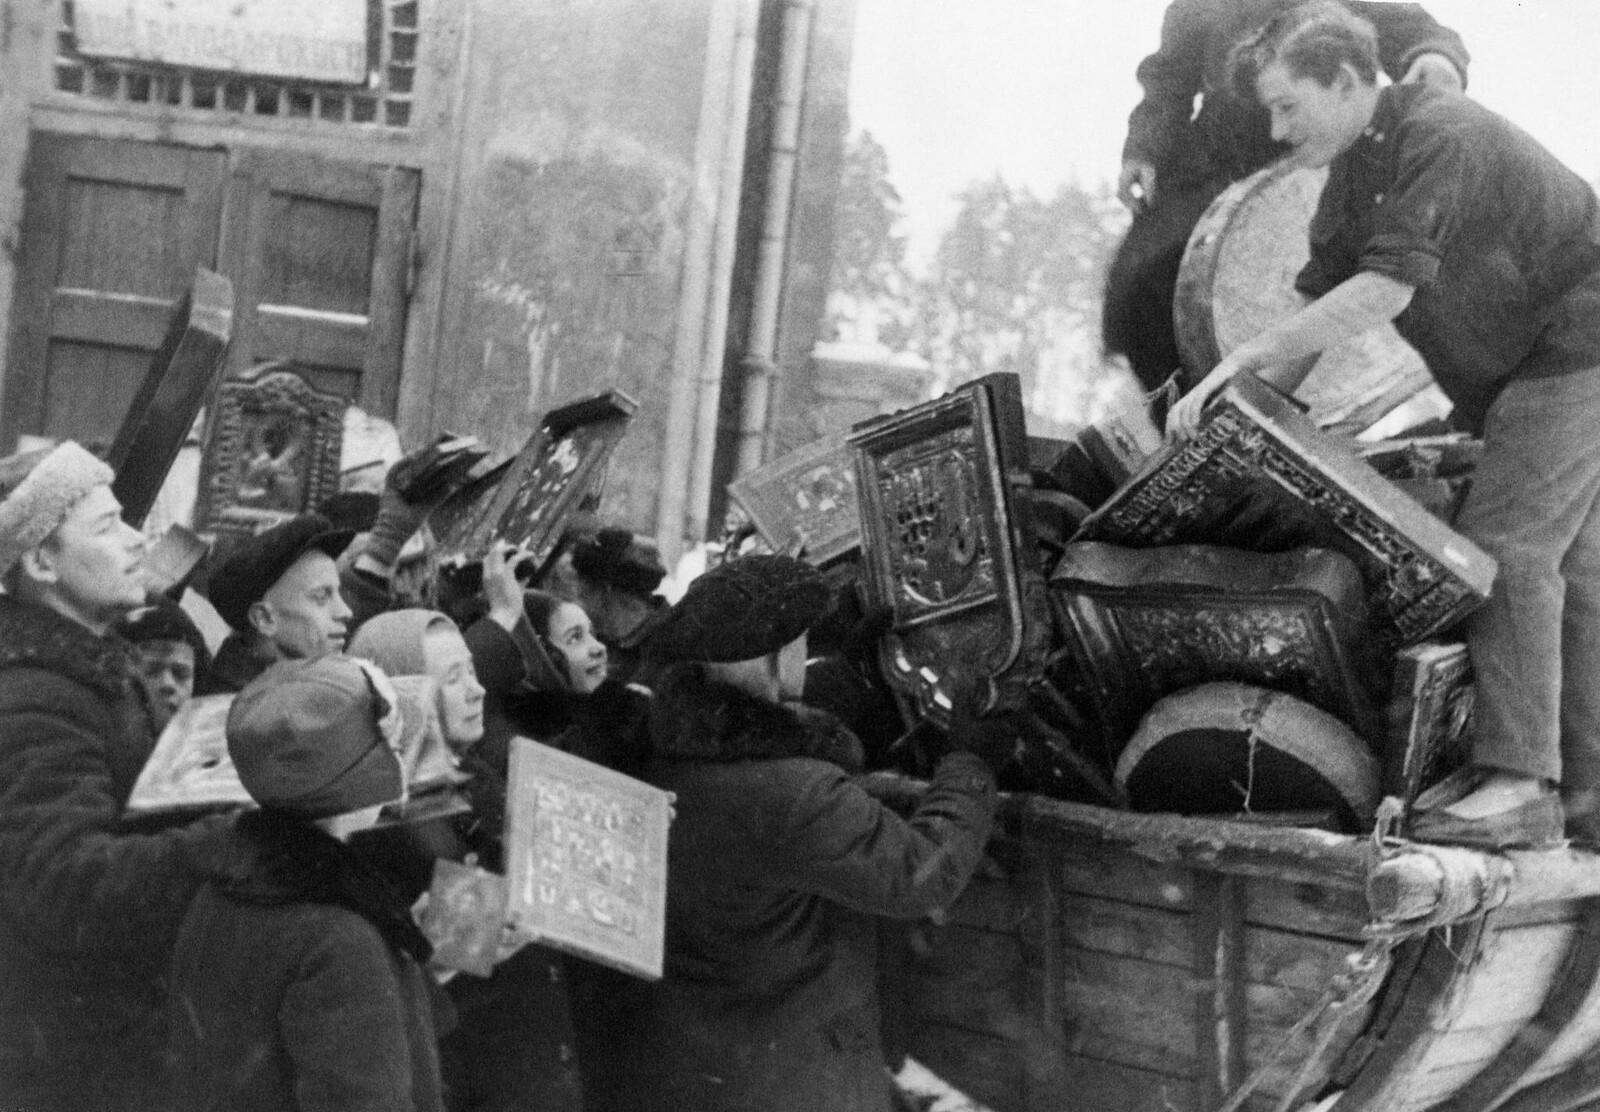 24 февраля 1930. «Москва. Эти мужчины и женщины страны Советов с улыбкой укладывают религиозные символы, собранные в рабочих общежитиях на грузовик, который повезет их к месту аутодафе. Пять тысяч икон были сожжены во время одного массового праздника, в к